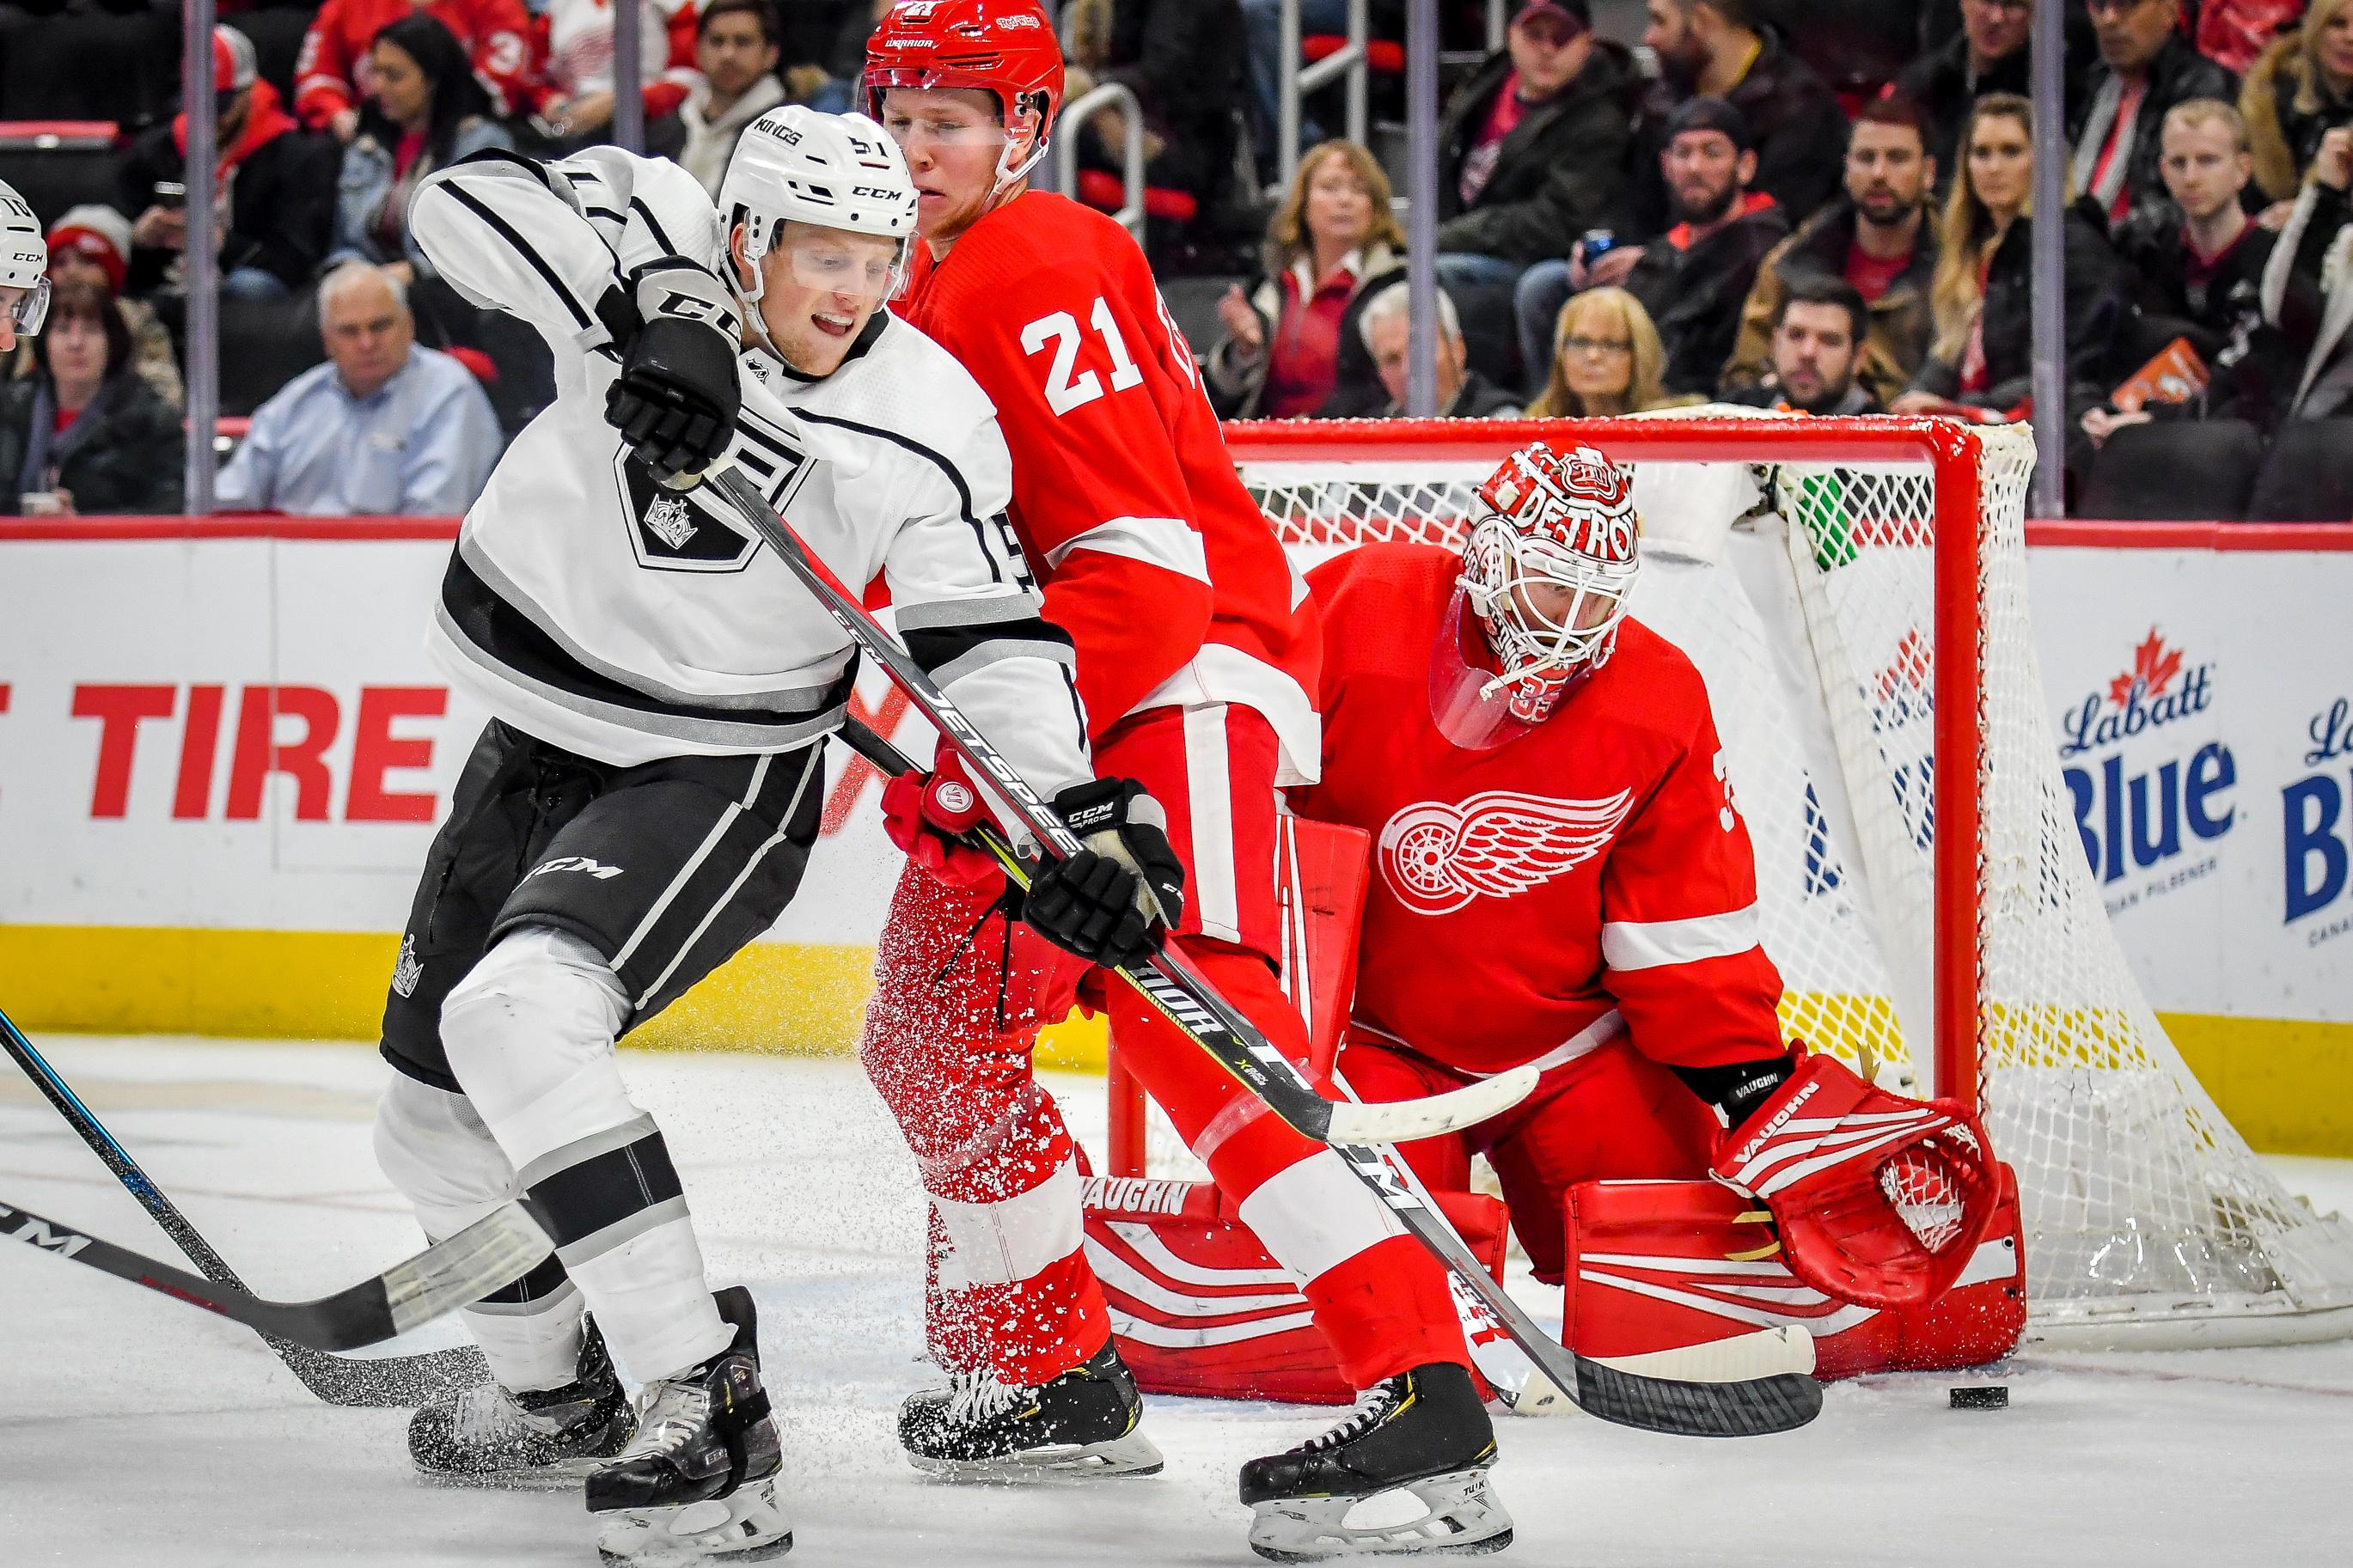 NHL: DEC 10 Kings at Red Wings